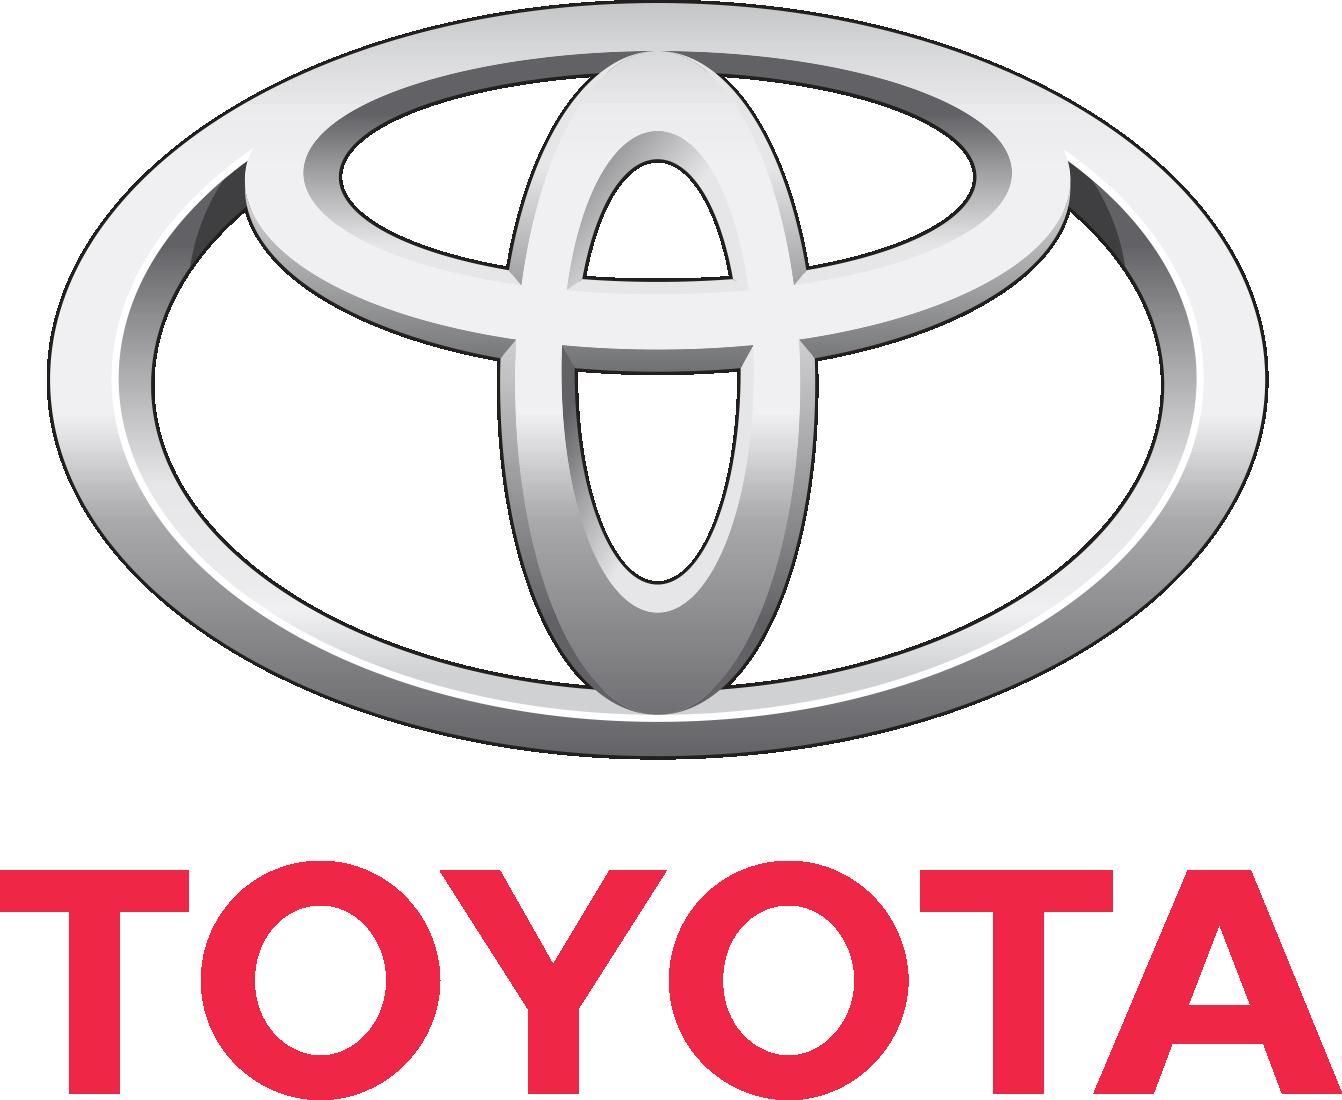 toyota logo(welogo.blogspot.com)